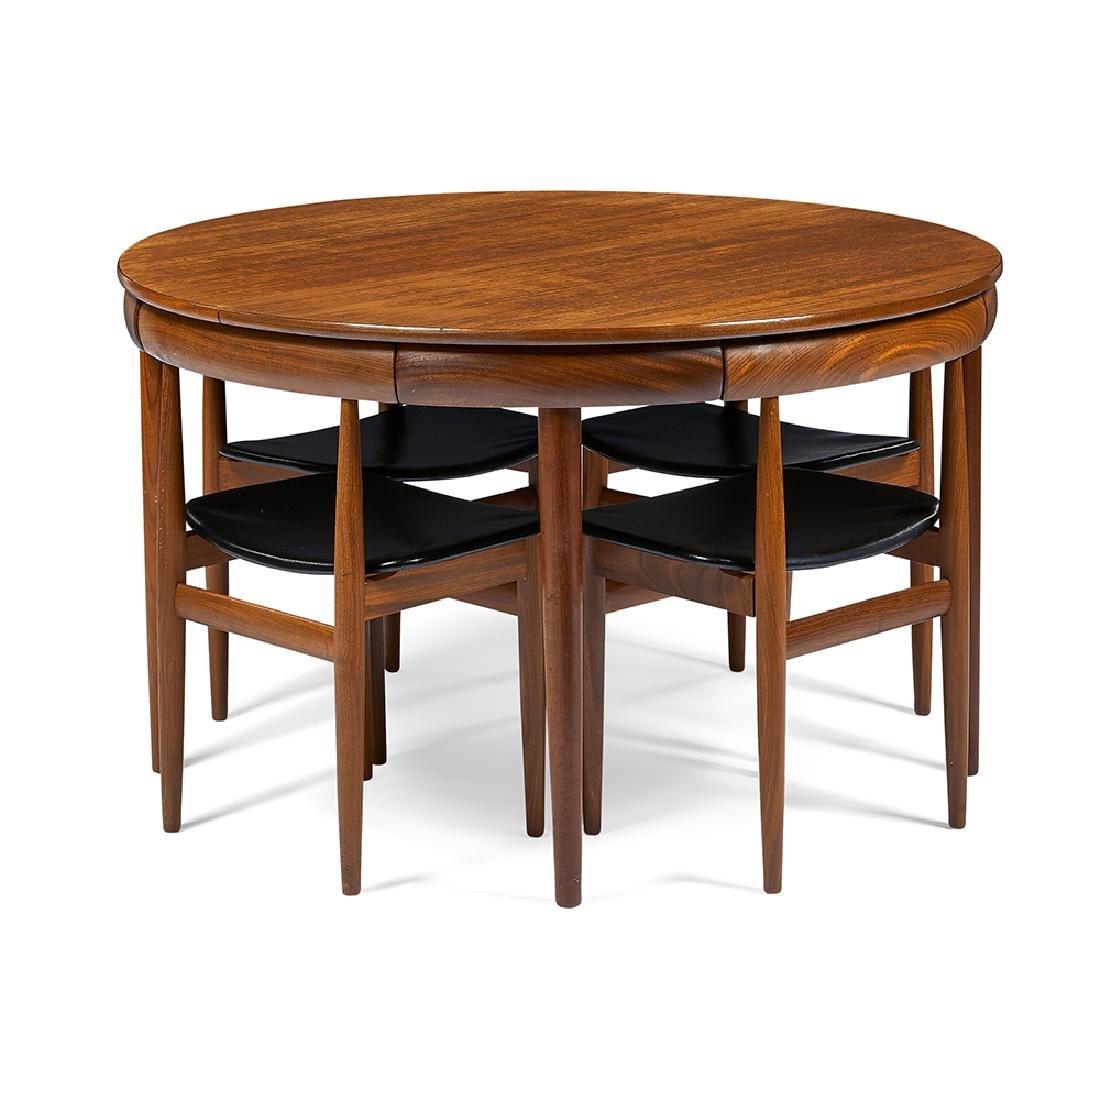 Hans Olsen For Frem Rojle Dining Table, 6 Chairs